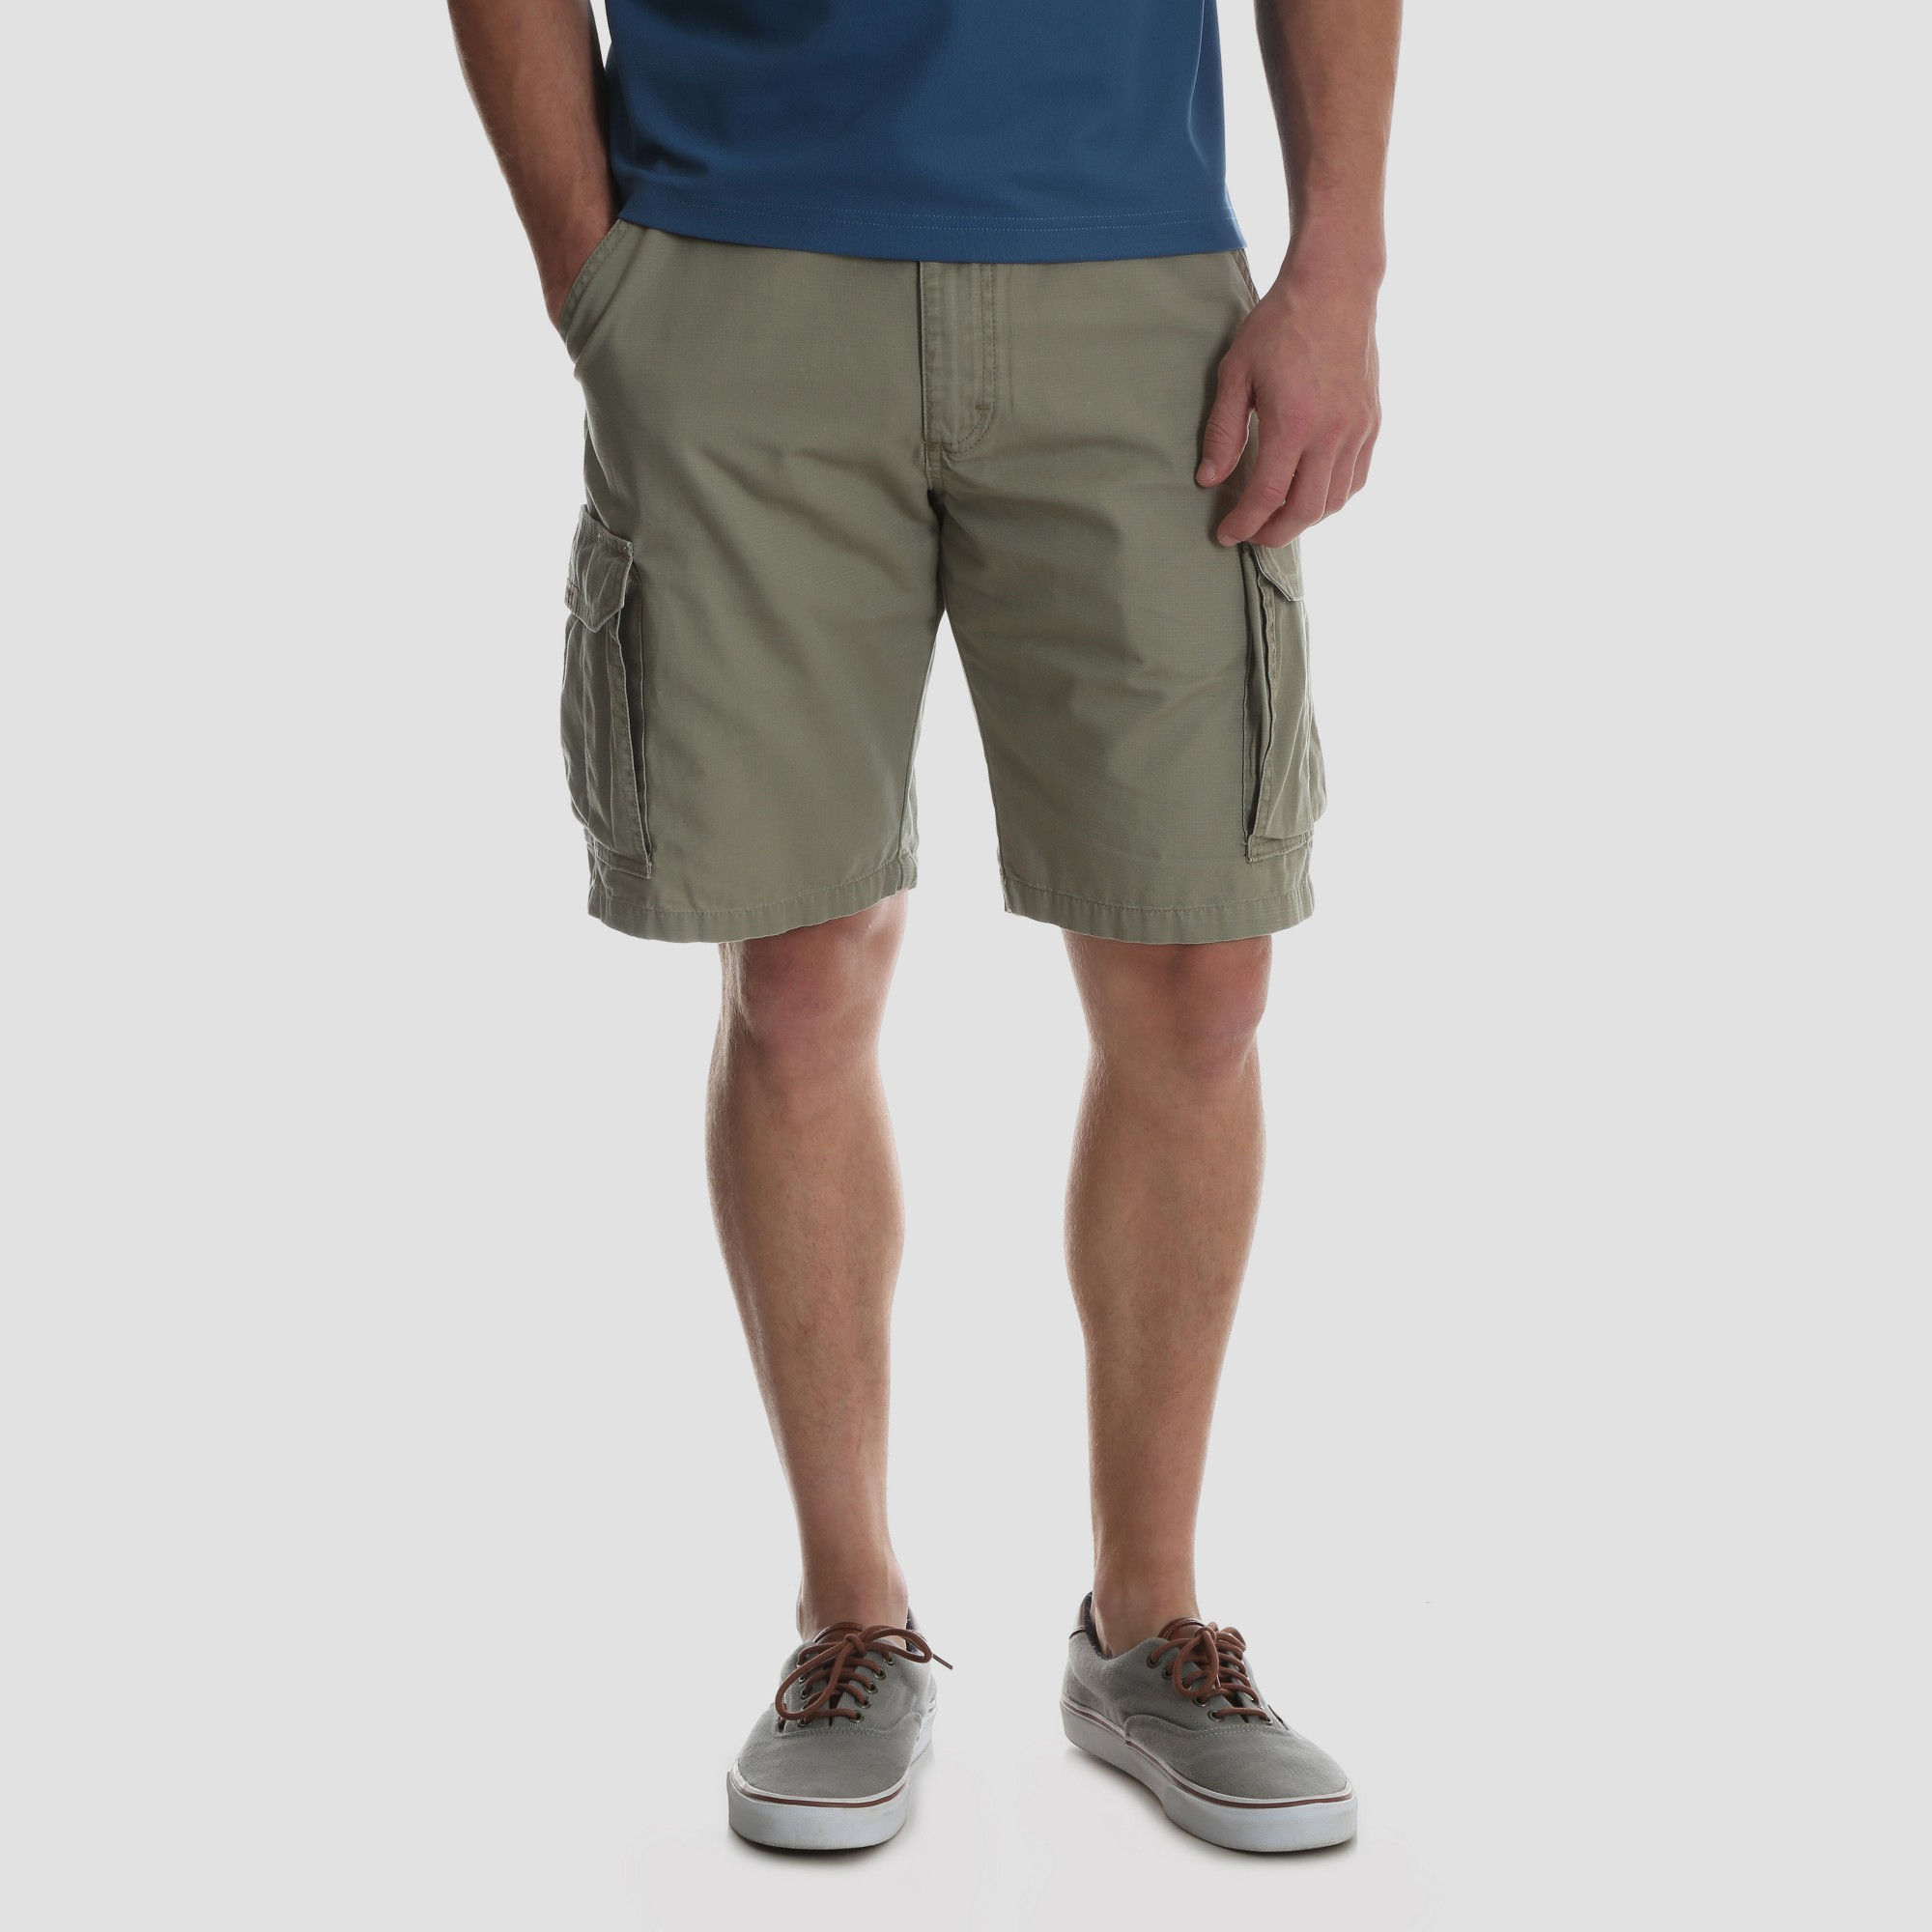 0325368ec9 Wrangler Men's Big & Tall 10 Ripstop Cargo Shorts - British Khaki 46 ...